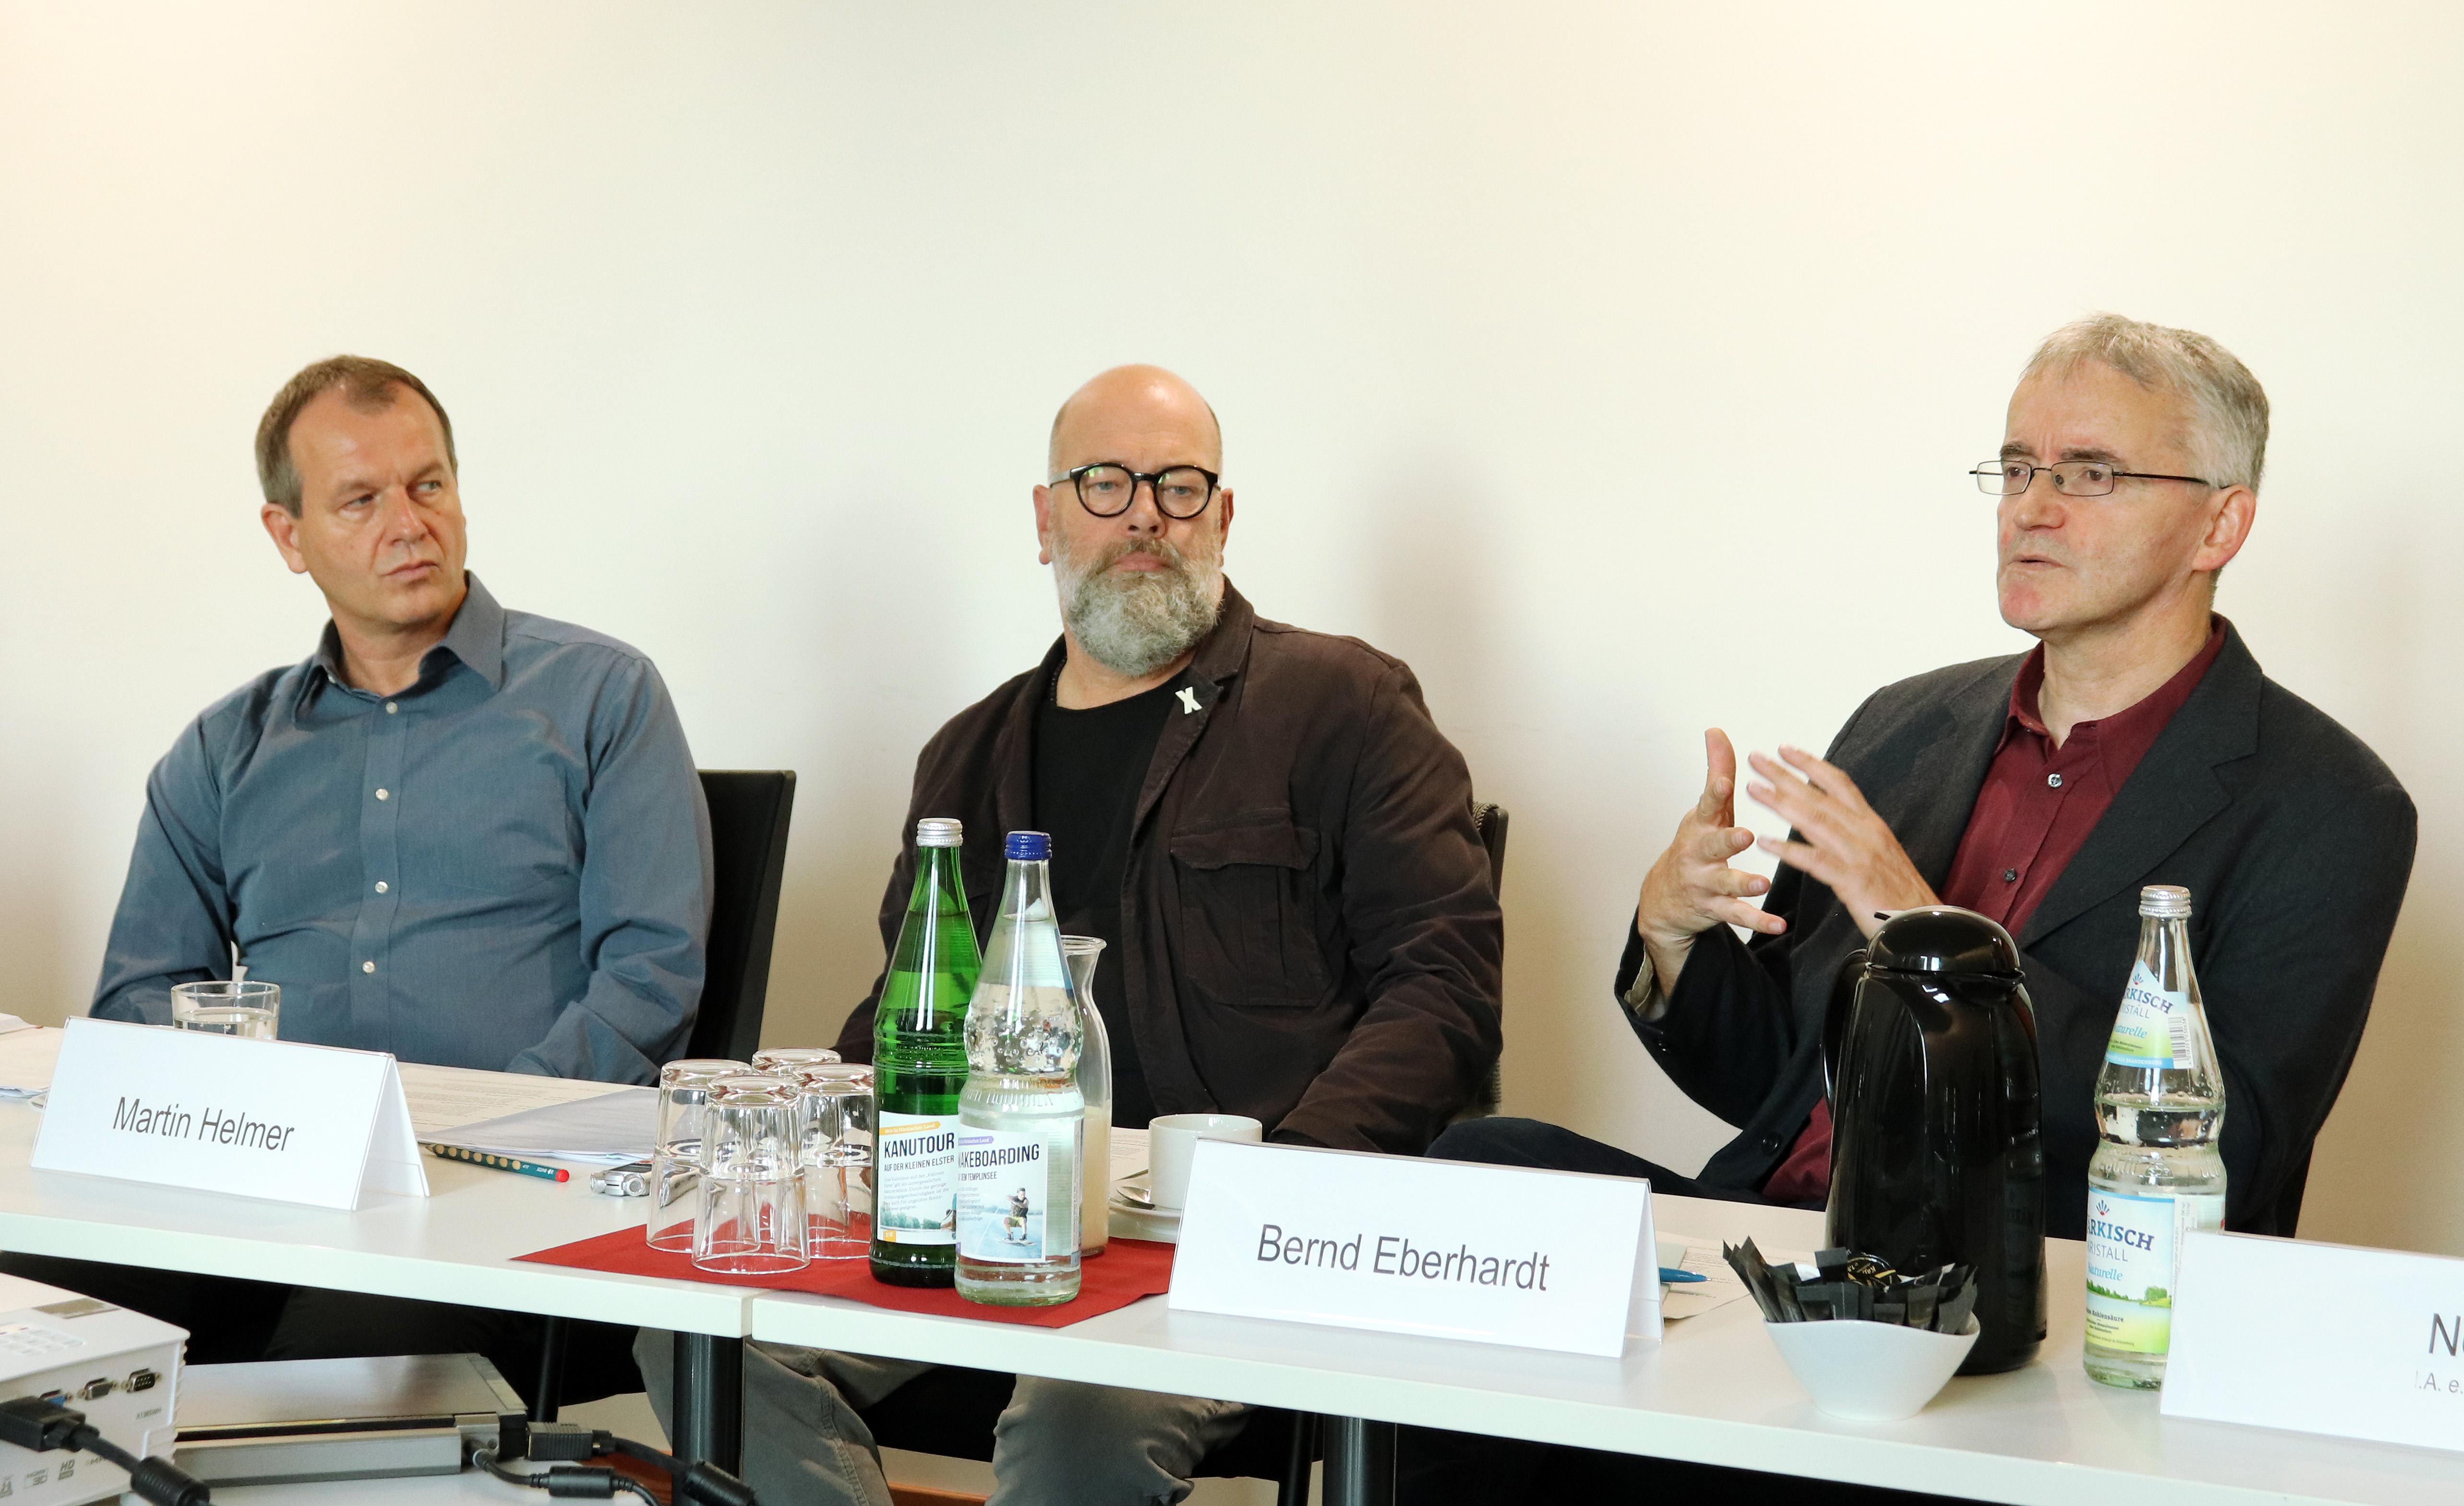 Ralf Specht, Martin Helmer, Bernd Eberhardt